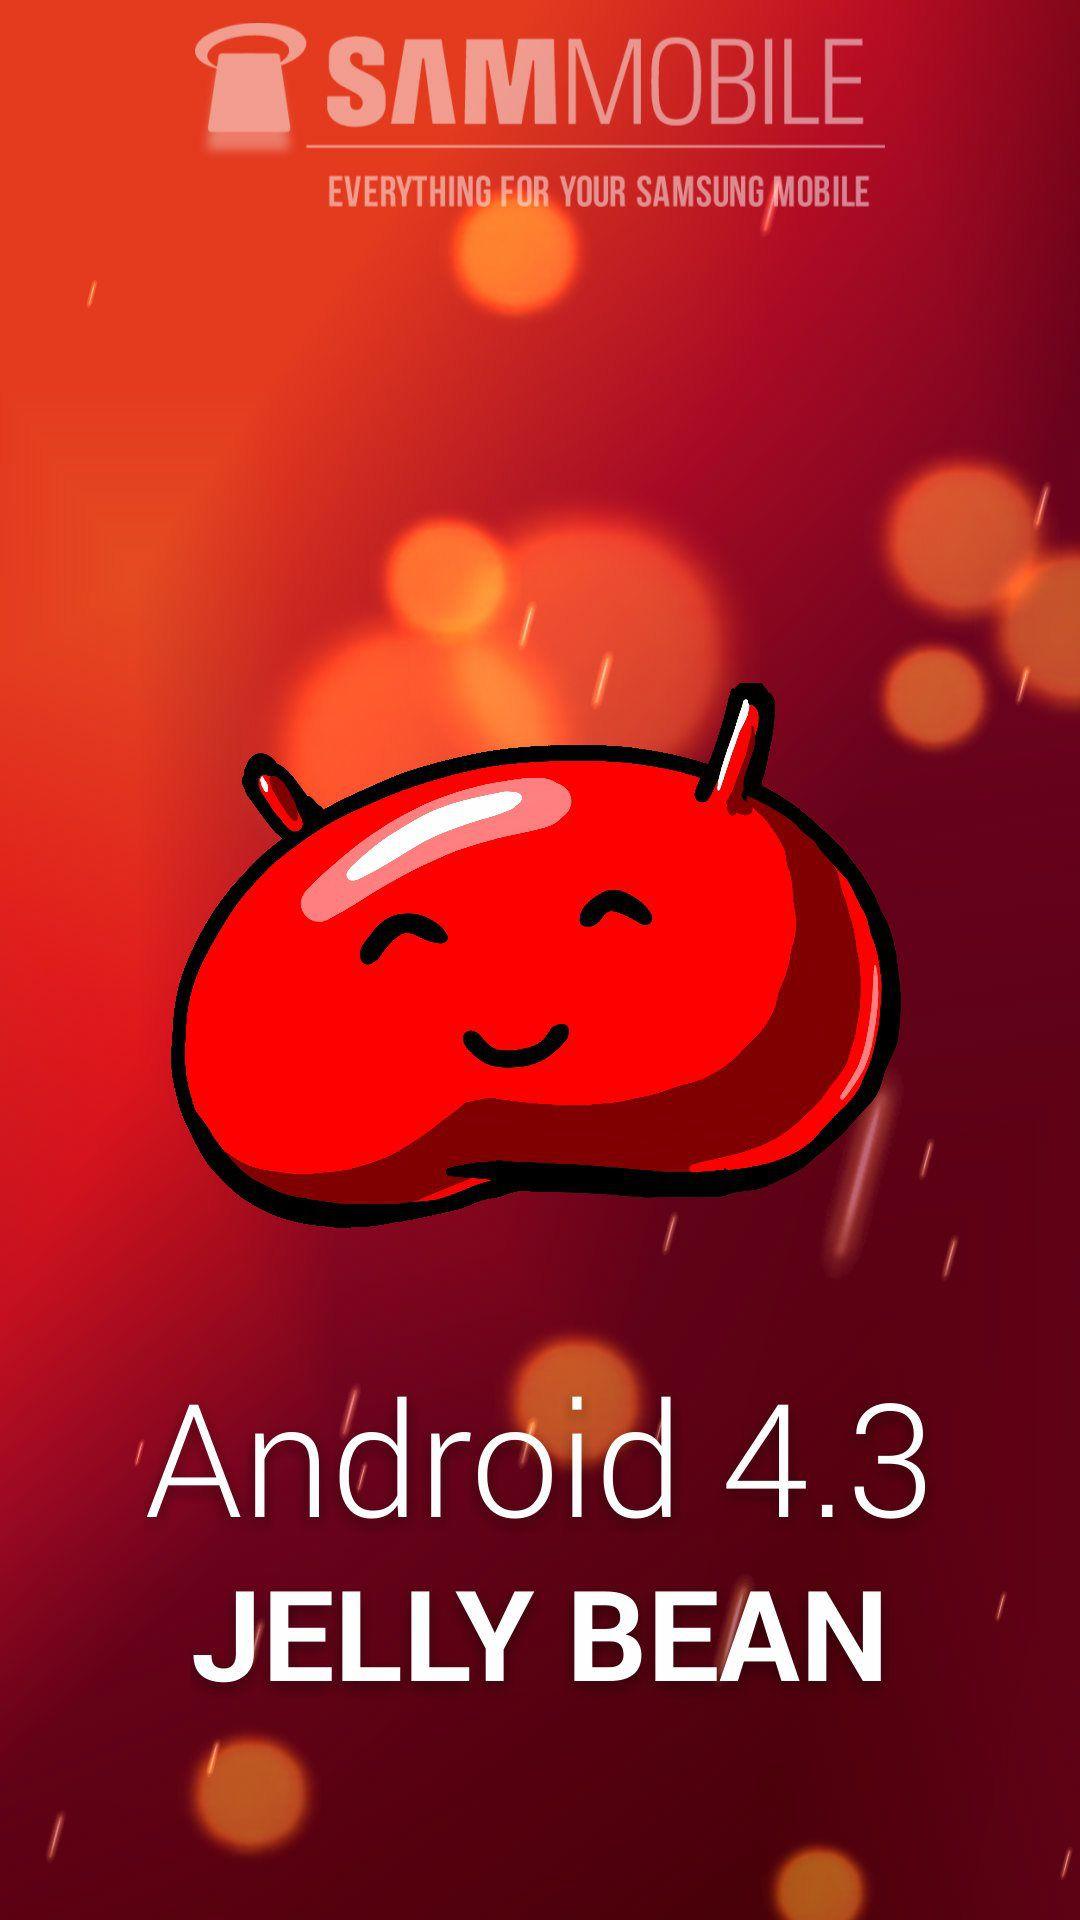 Samsung S4 Jelly Bean Update